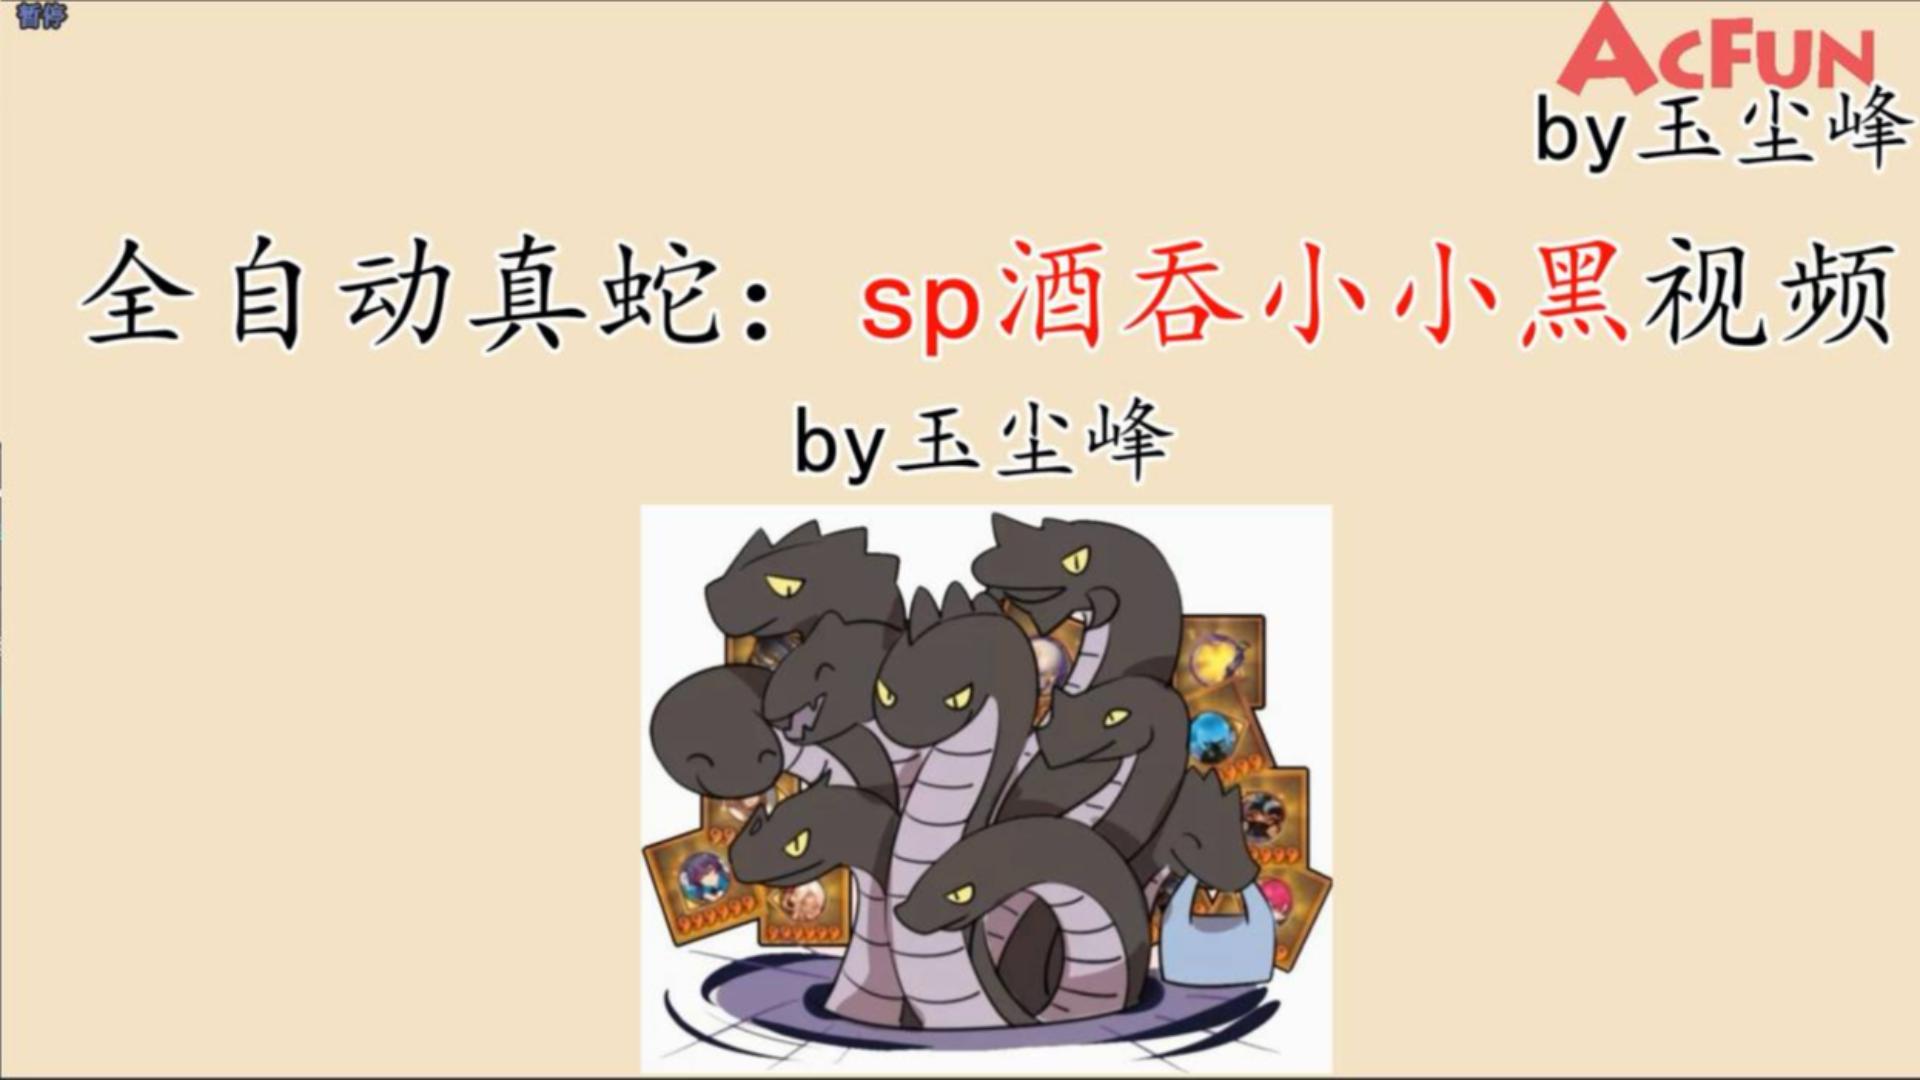 【阴阳师】sp酒吞全自动真蛇视频